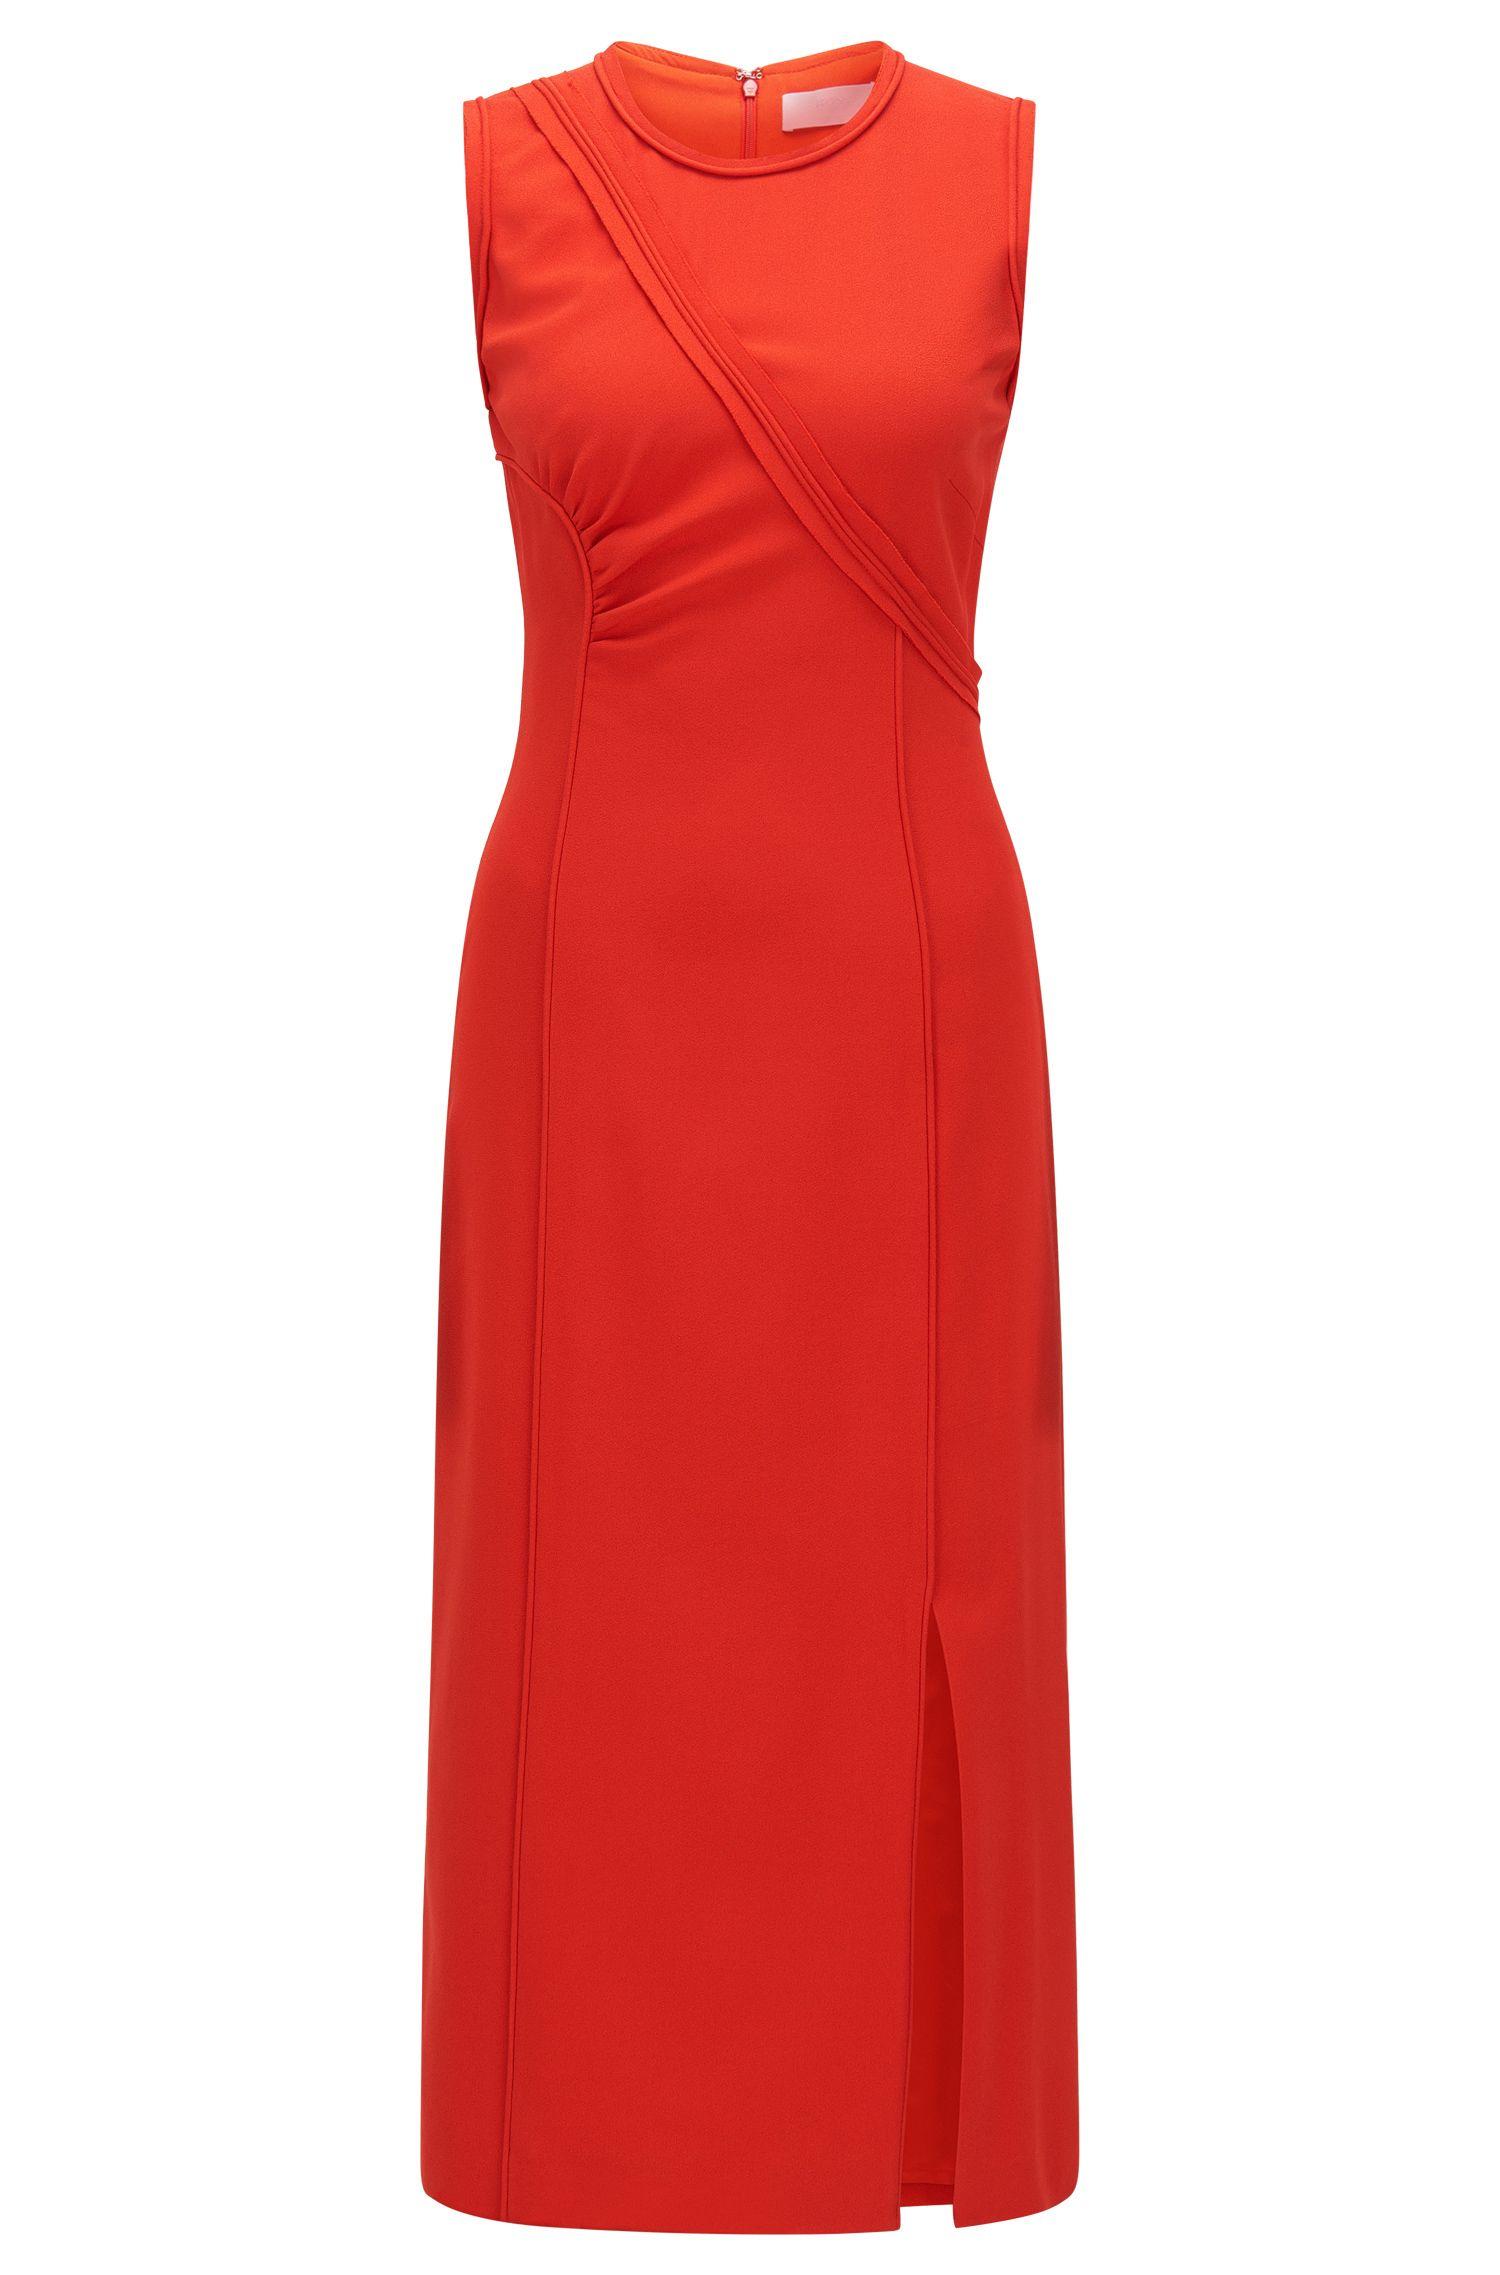 FS Dymeani C | Asymmetrical Bodice Sheath Dress